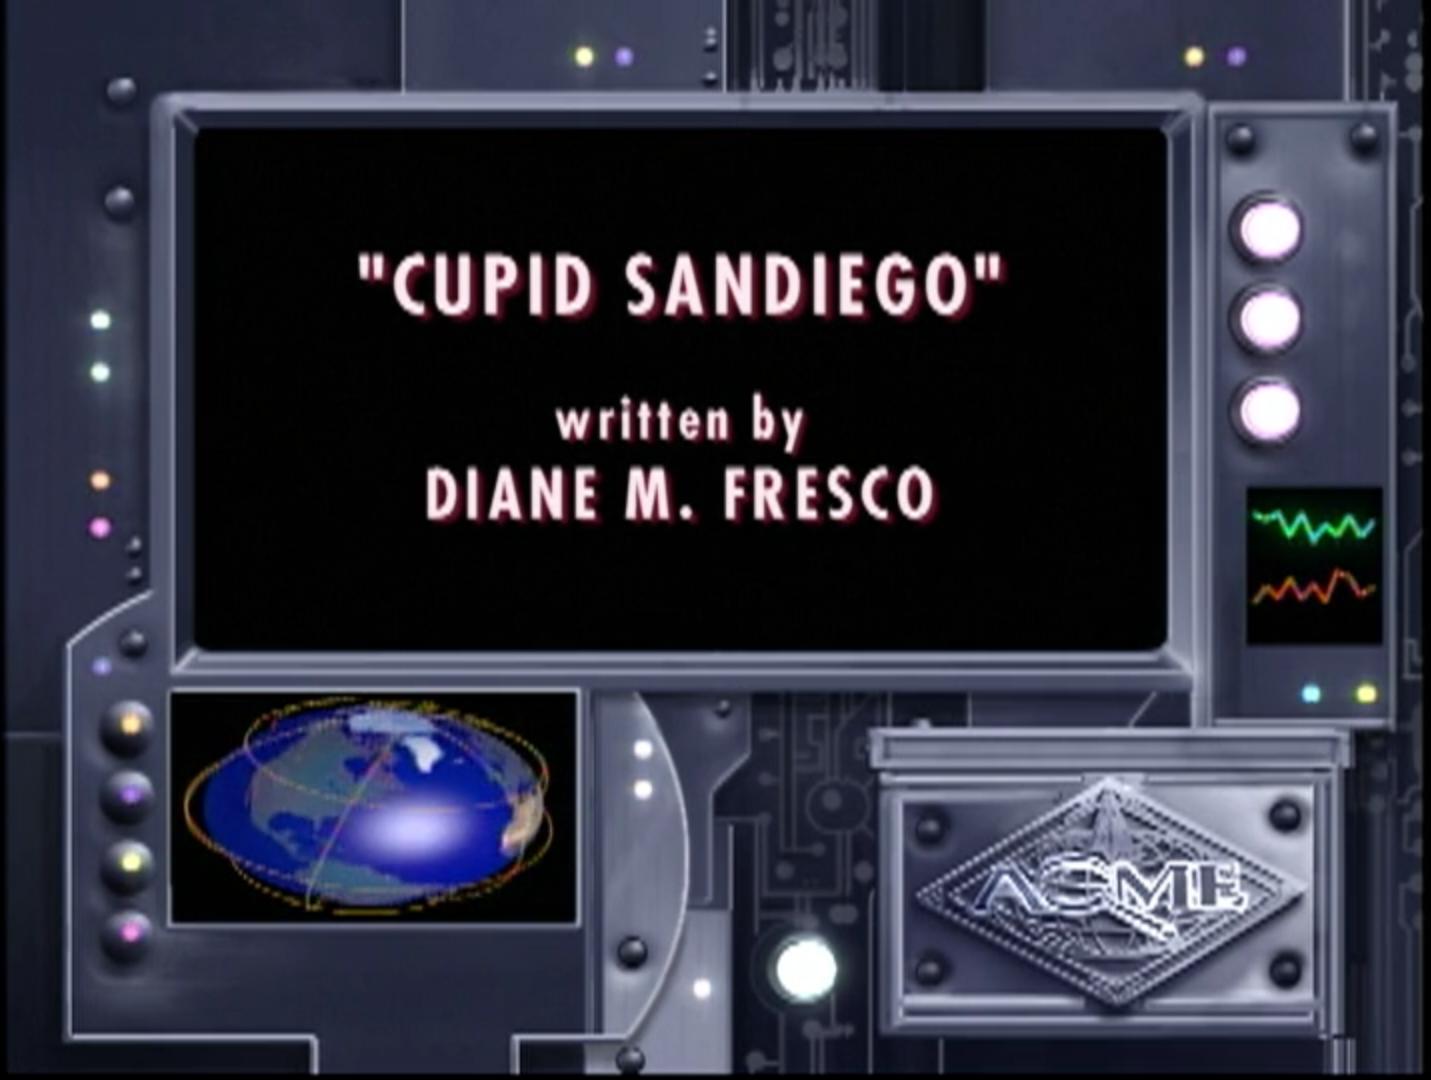 Cupid Sandiego